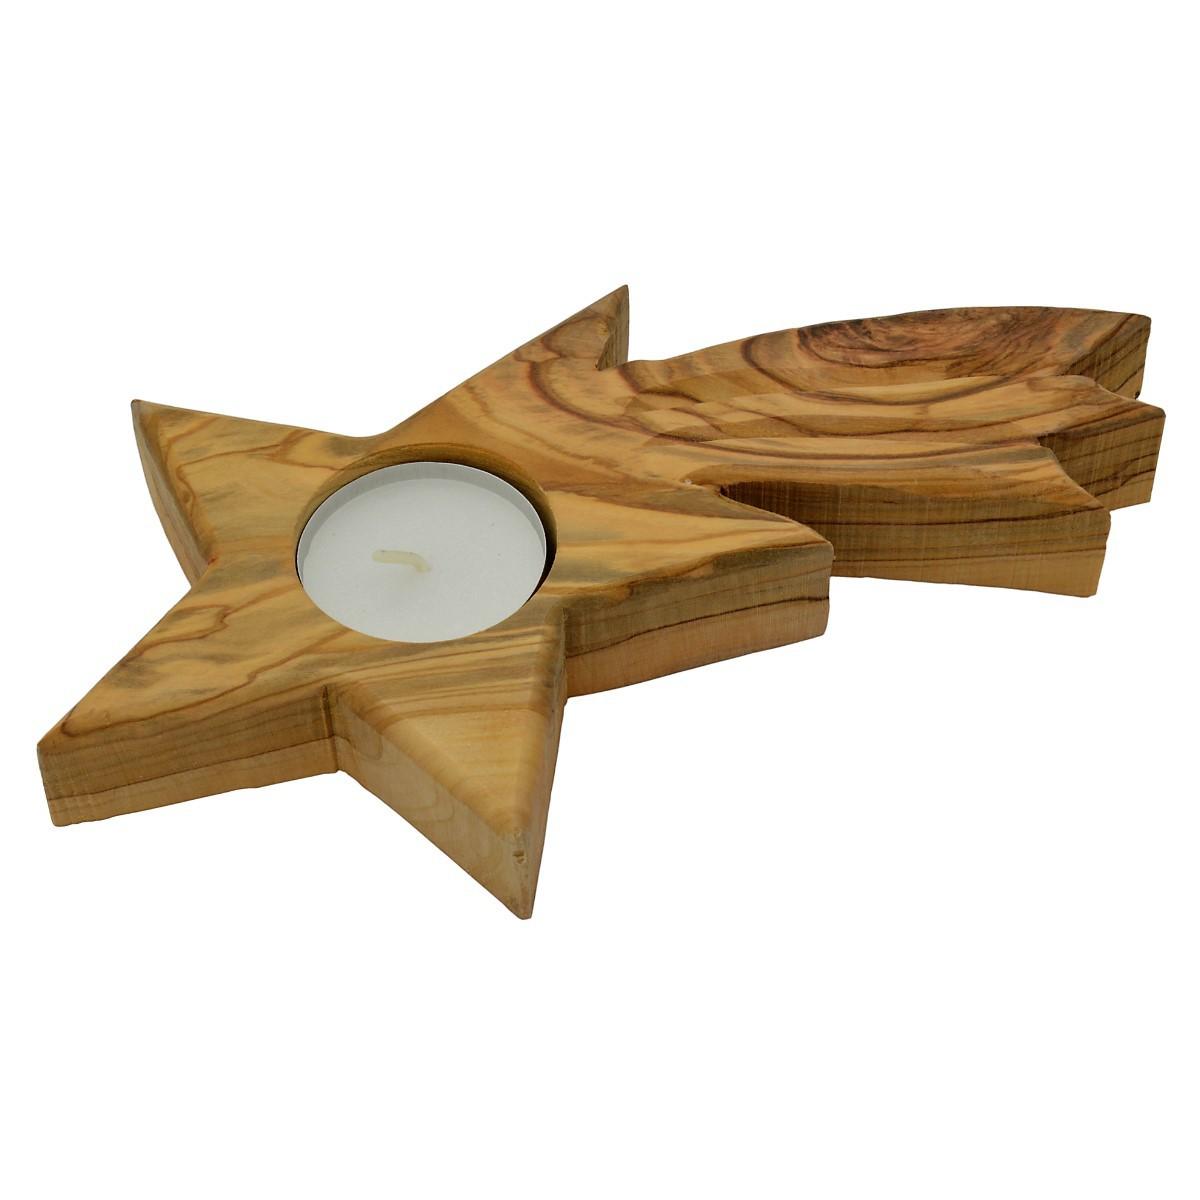 teelichthalter olivenholz stern holz weihnachtsstern mit schweif 17cm. Black Bedroom Furniture Sets. Home Design Ideas